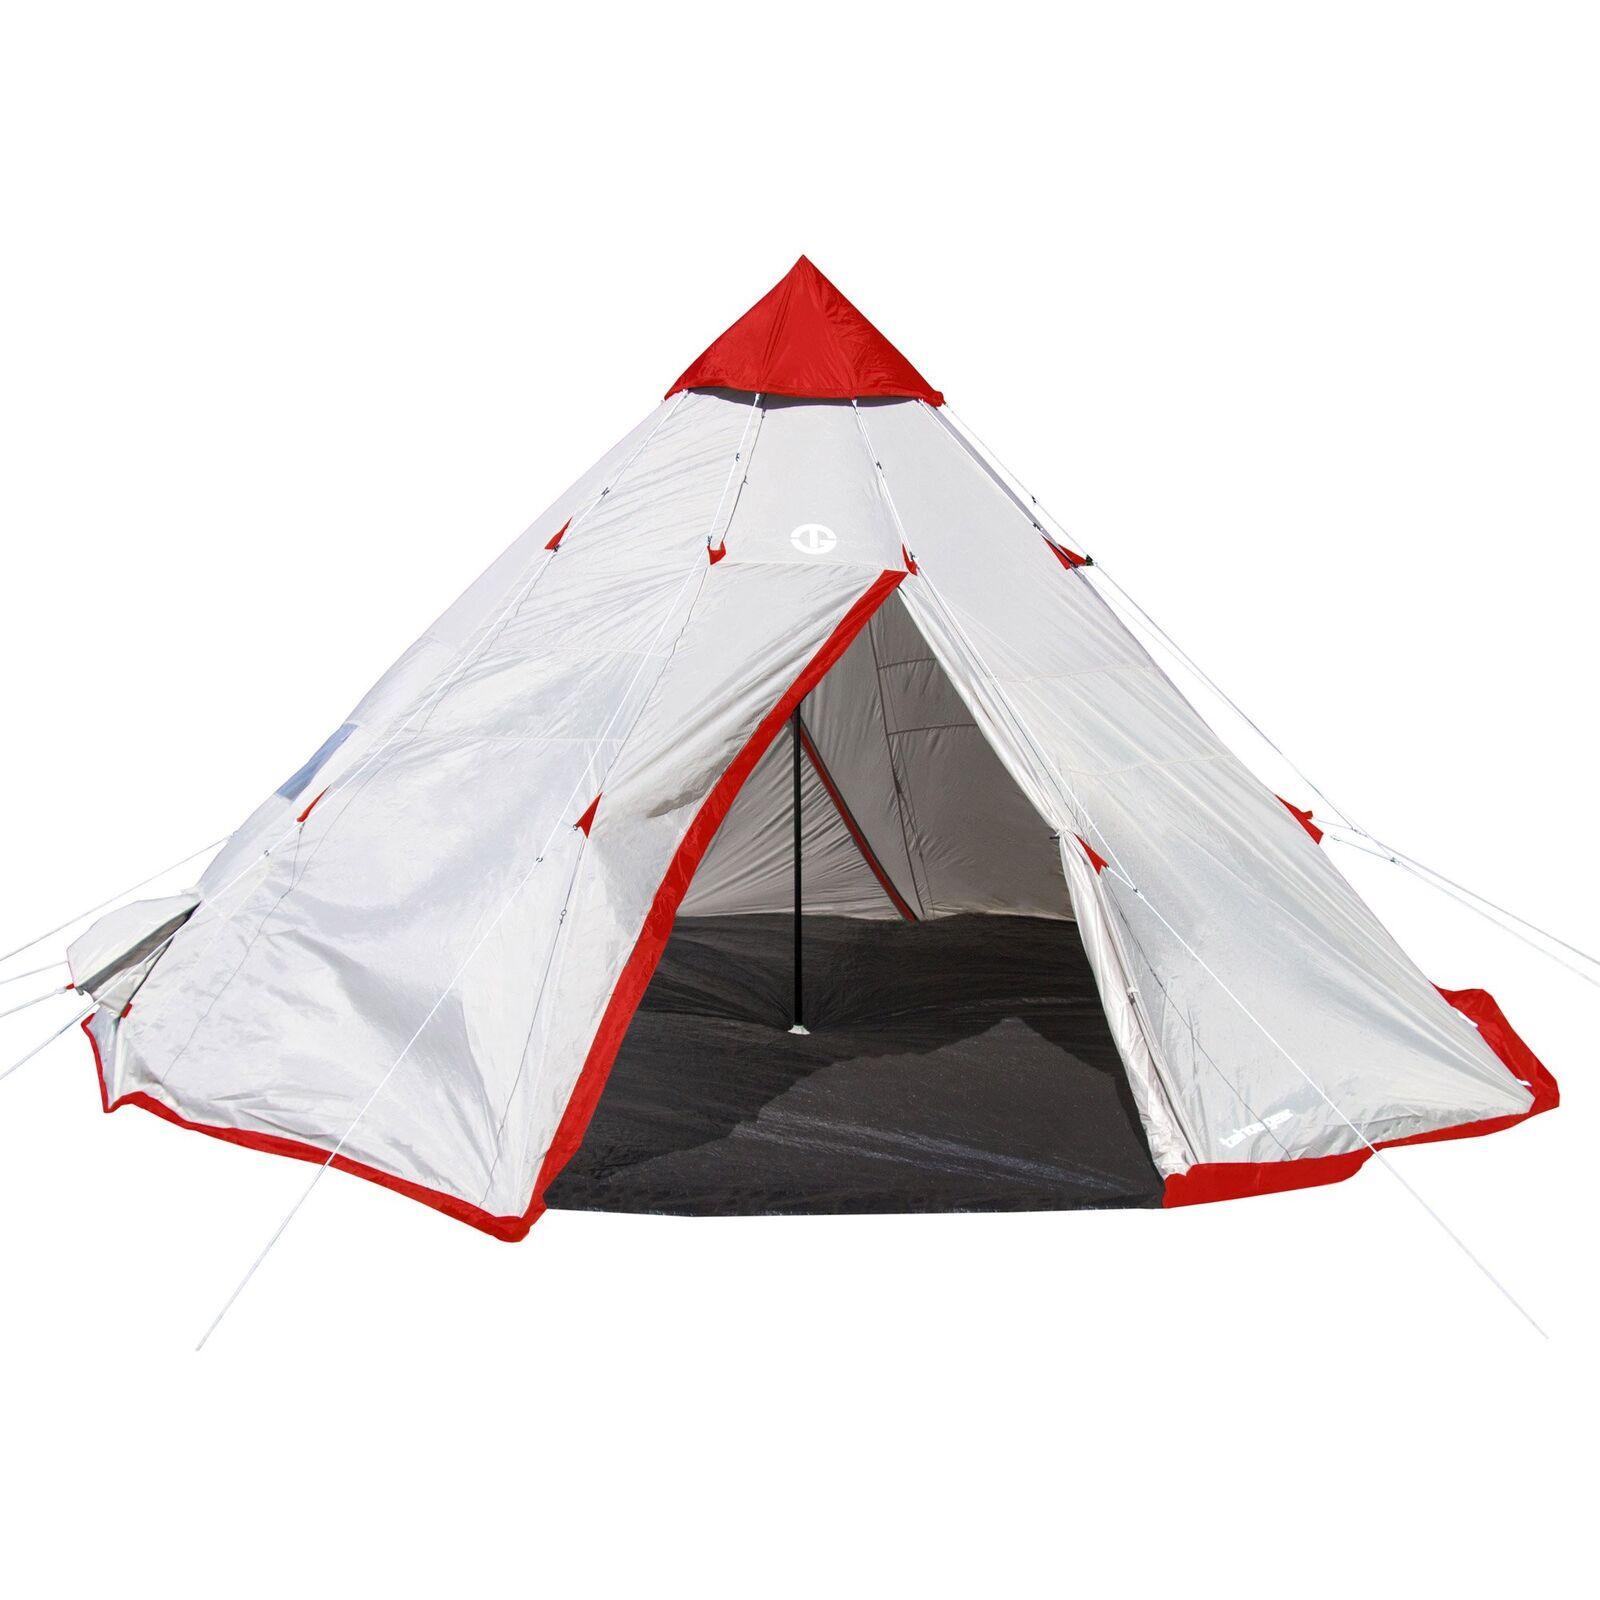 Tahoe Gear negrohorn 4 acampar al aire libre 10 ft (approx. 3.05 m) 4 persona Carpa Estilo Cono Durmiente